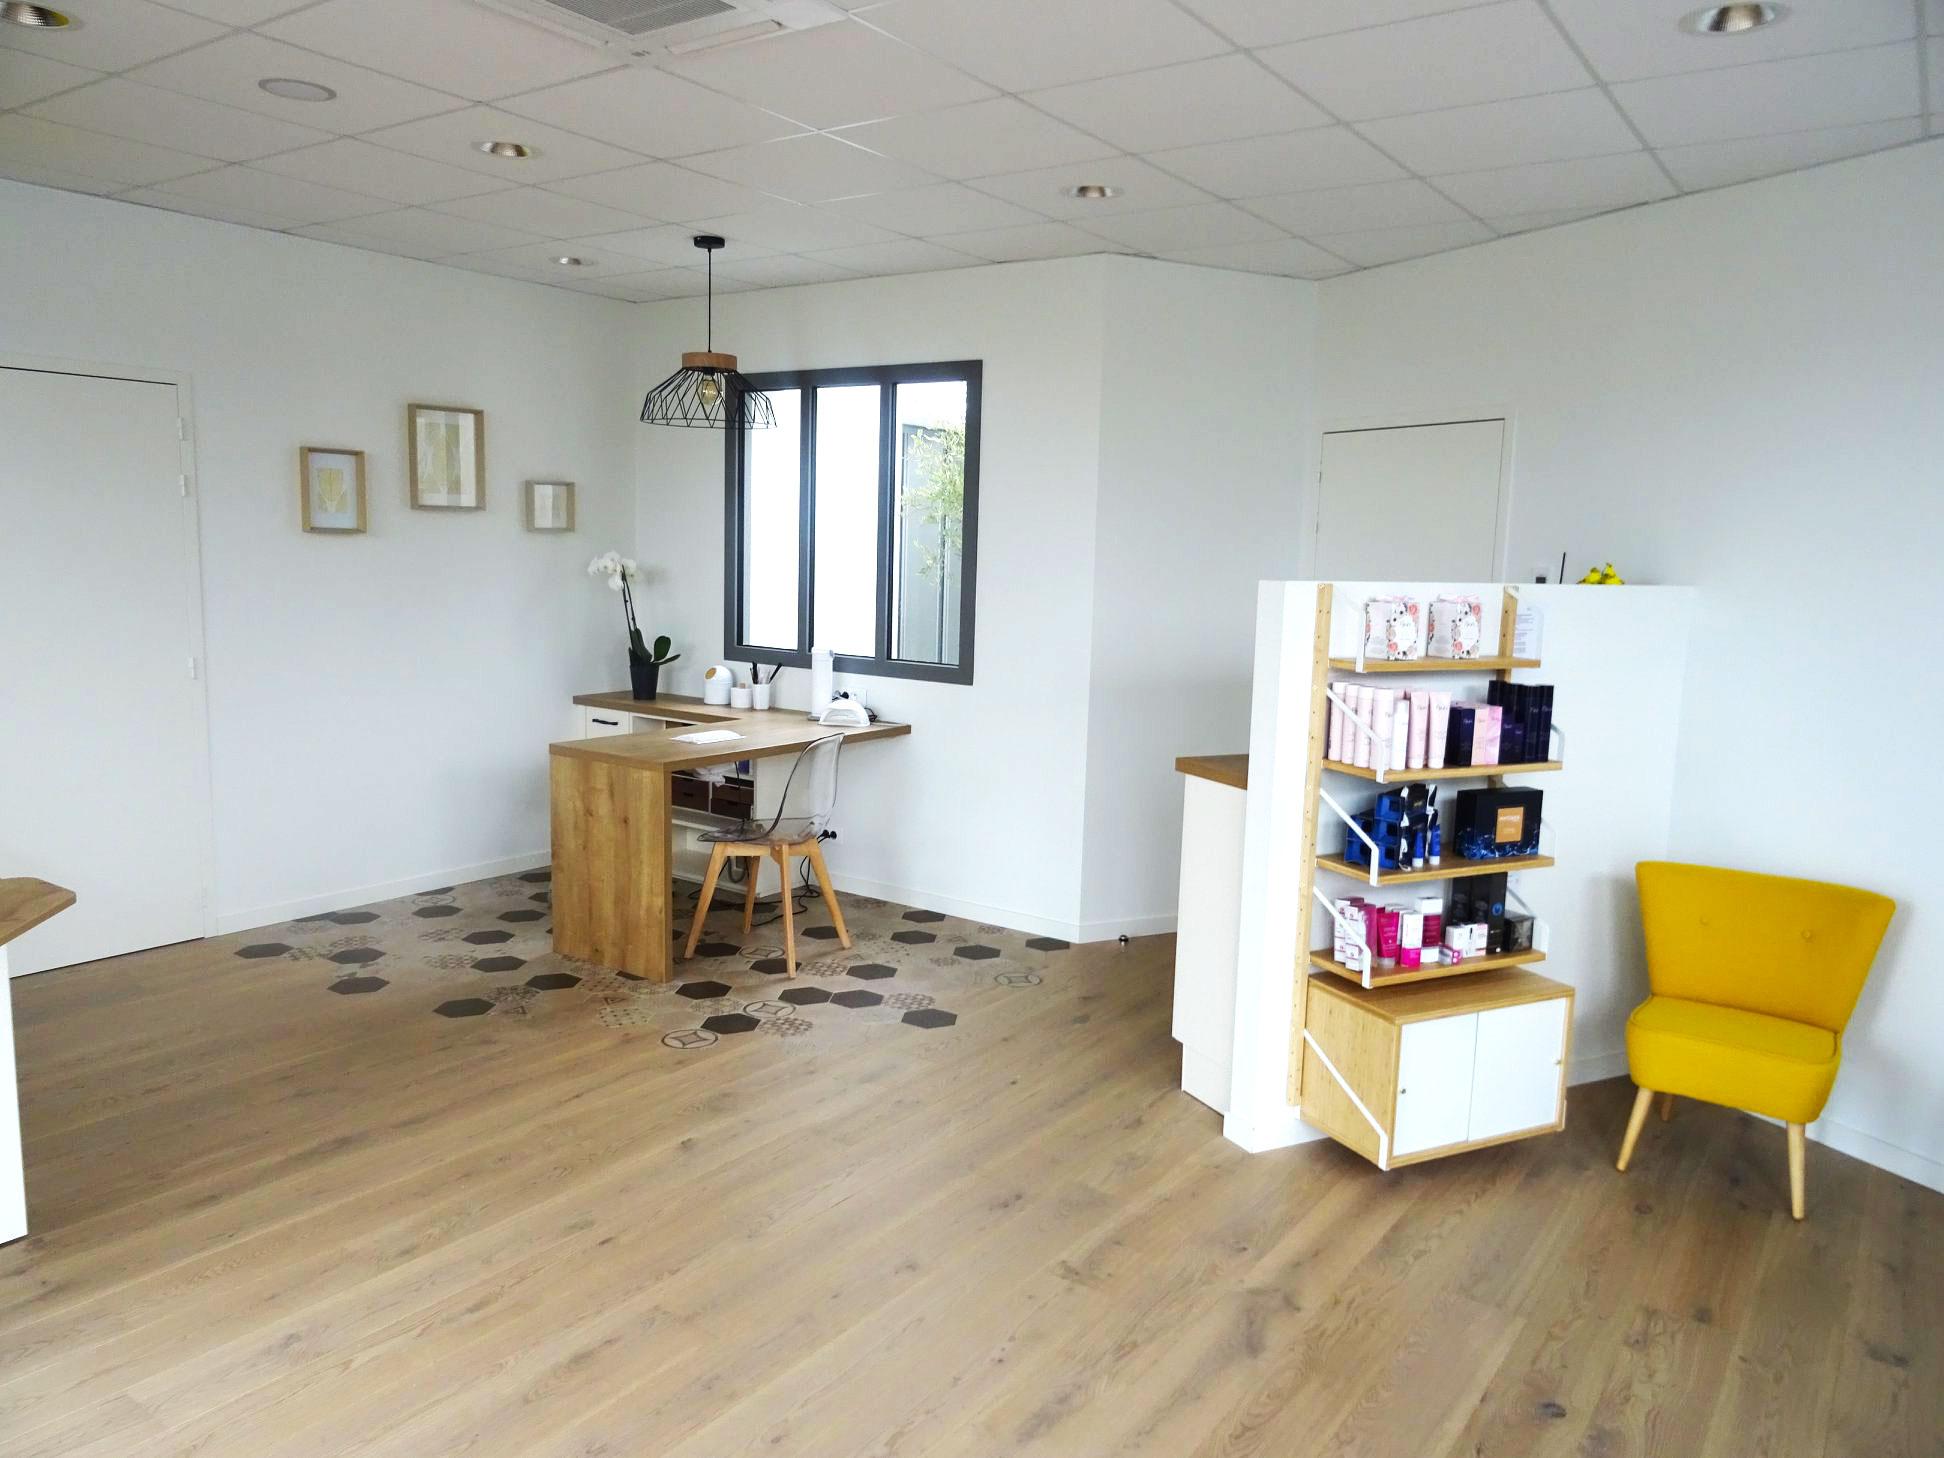 Institut-de-beaute-ParentAize-Amenagement-interieur-sur-mesure-boutique-agencement-G-Viaud-Aizenay-Vendee